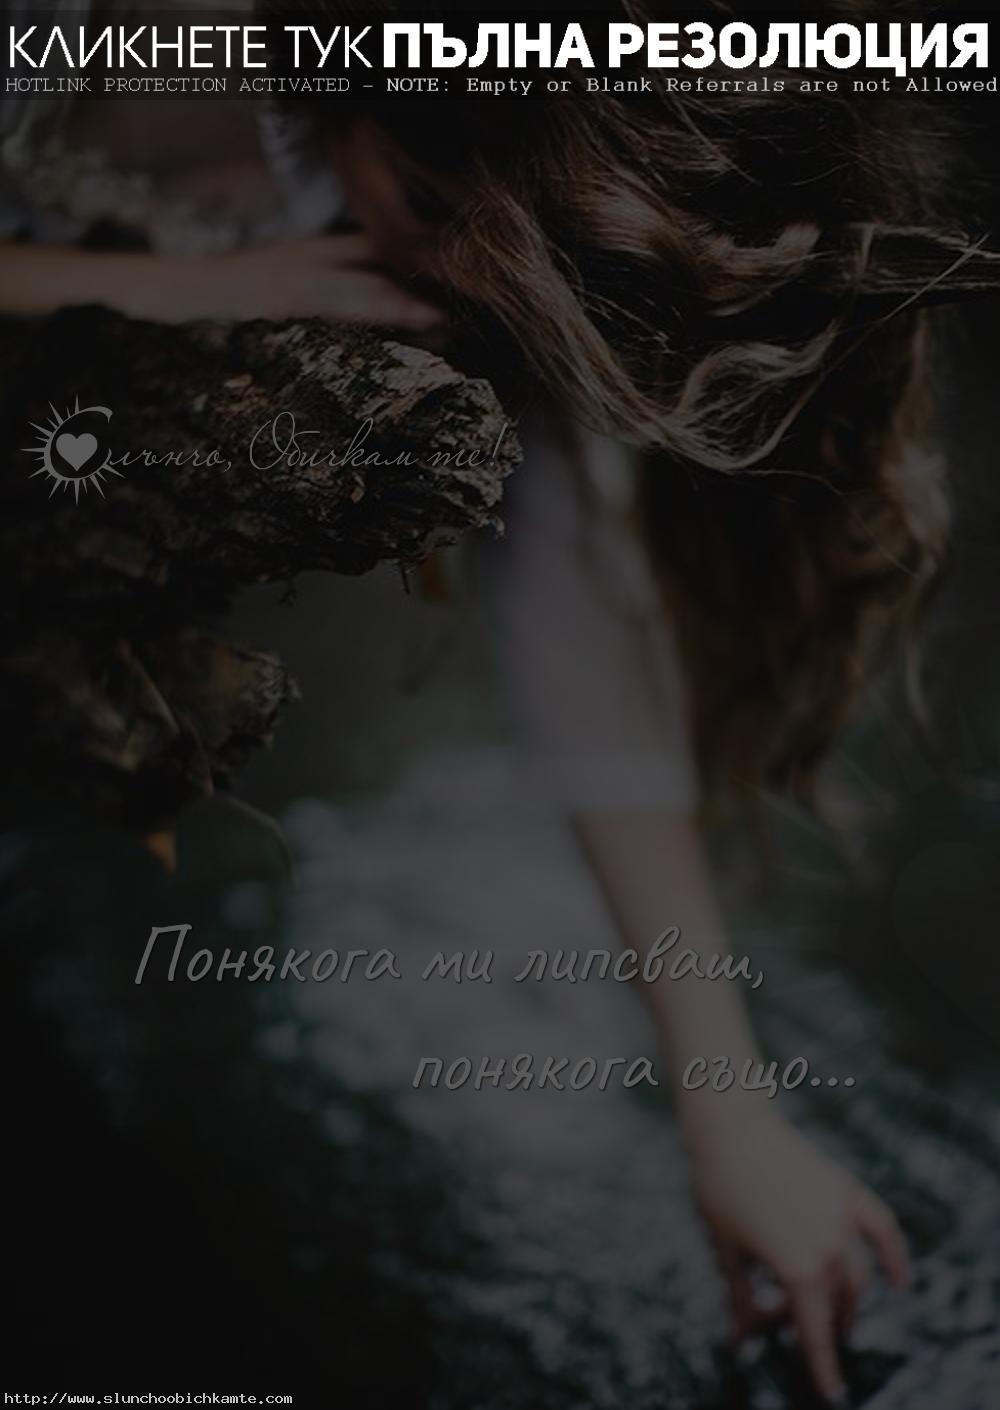 Понякога ми липсваш, понякога също - Липсваш ми, Мисля си за теб, мисля те, обичам те, любов моя, несподелена любов, мъка, болка, разбито сърце, счупено сърце, далечна любов, любов от разстояние, край на връзката, боли ме, не мога без теб, върни се, самота